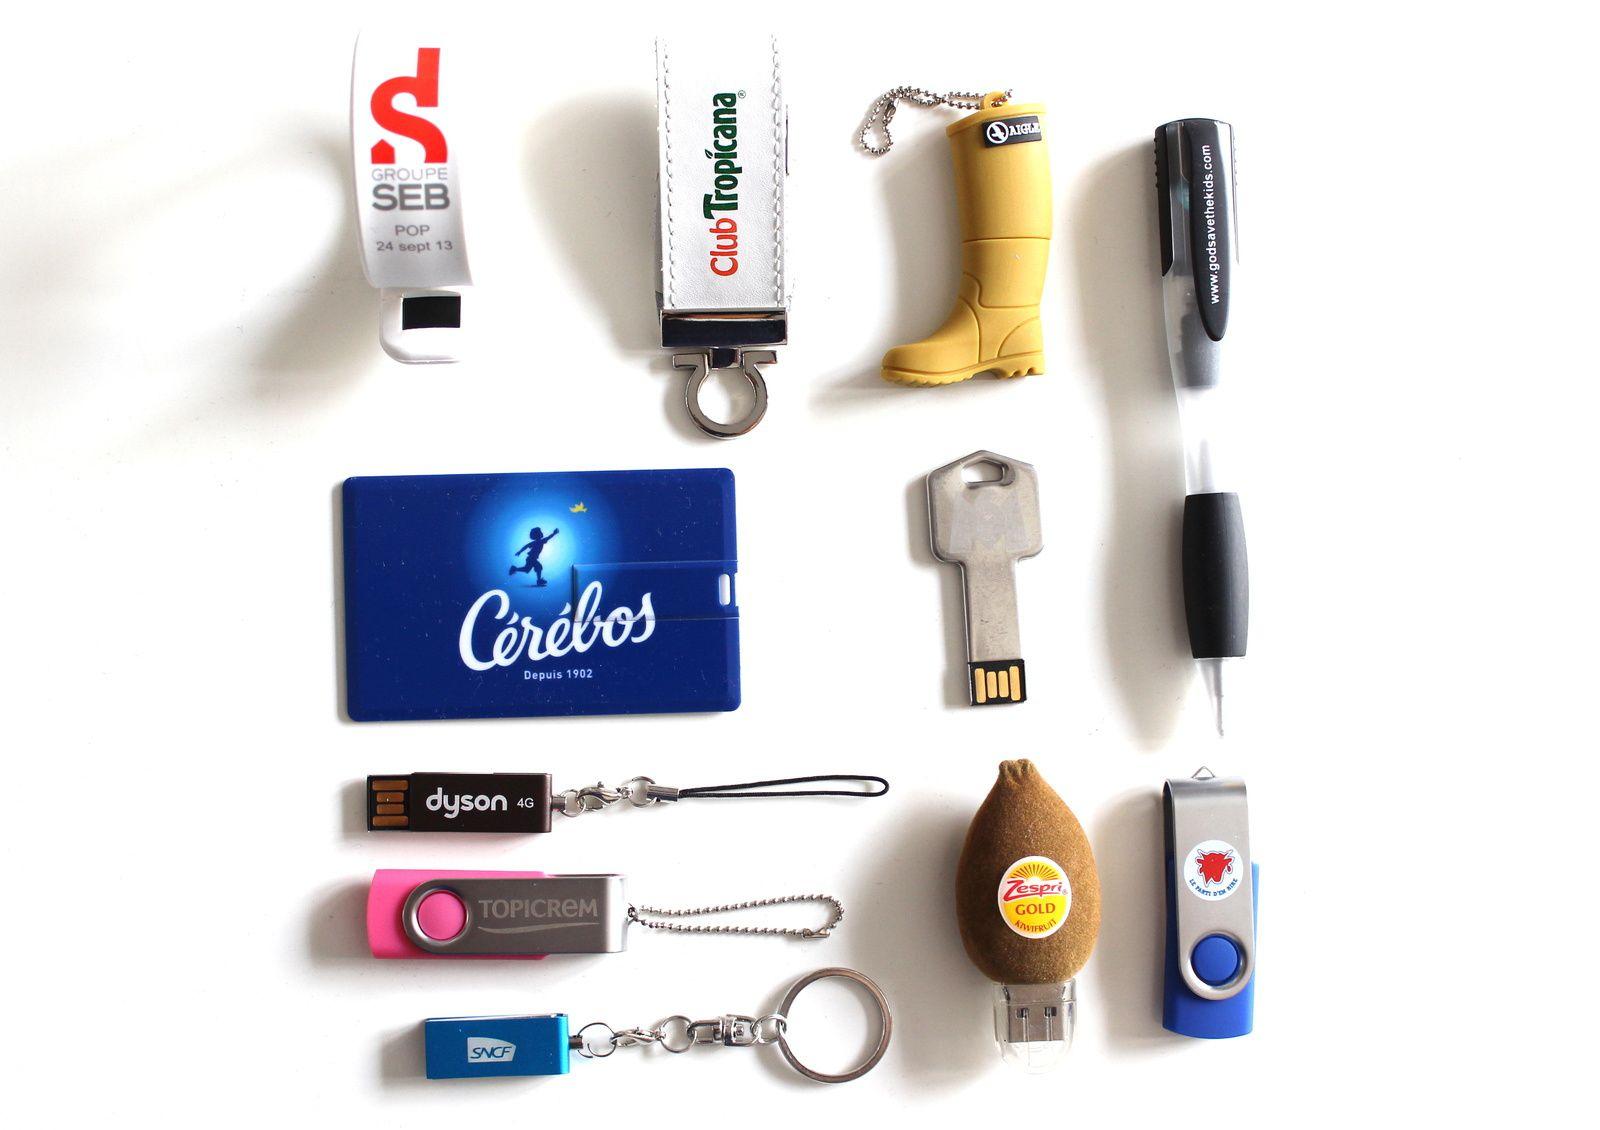 Les clés de la mémoire #2